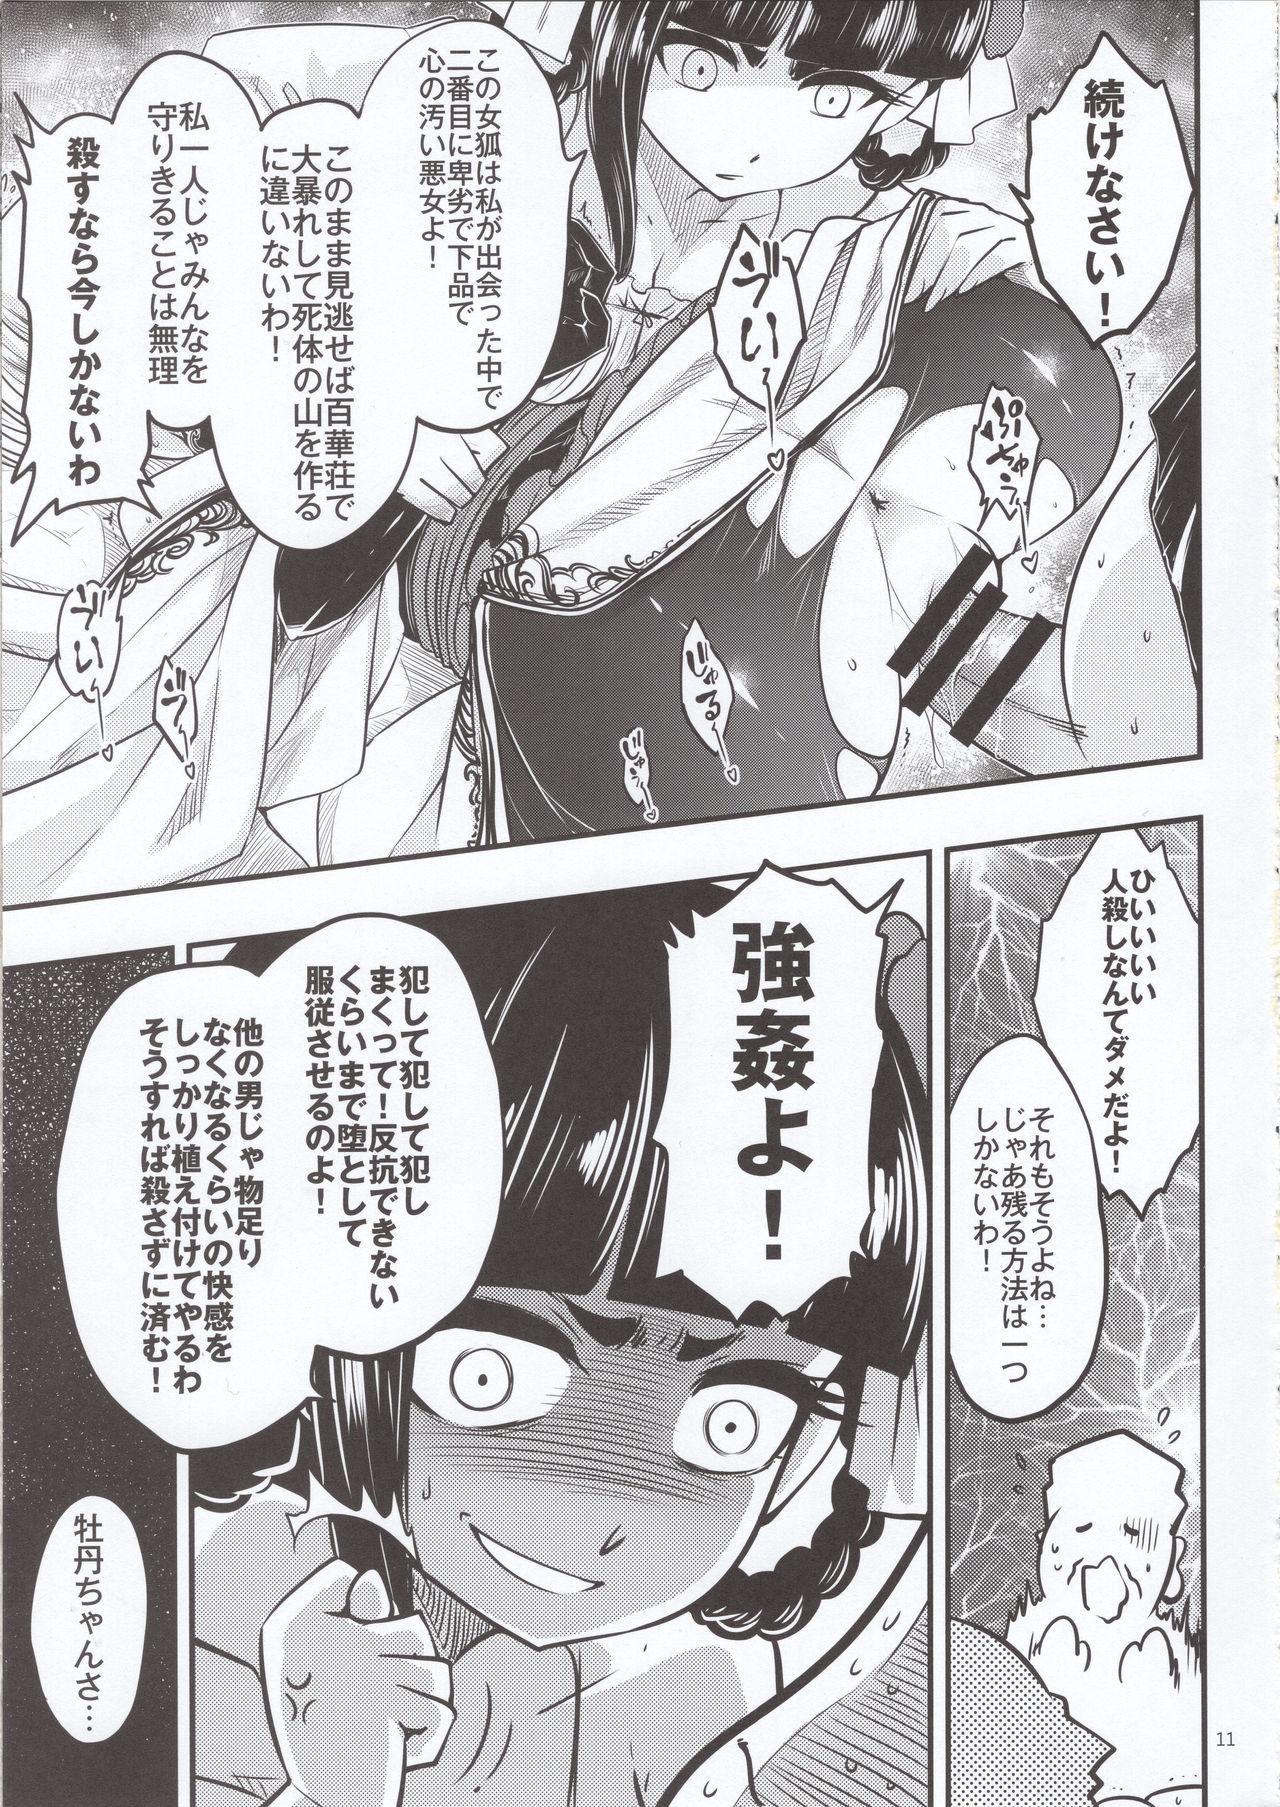 Hyakkasou4 《Akahitomiyasha, tosuisen no kyofu》 11